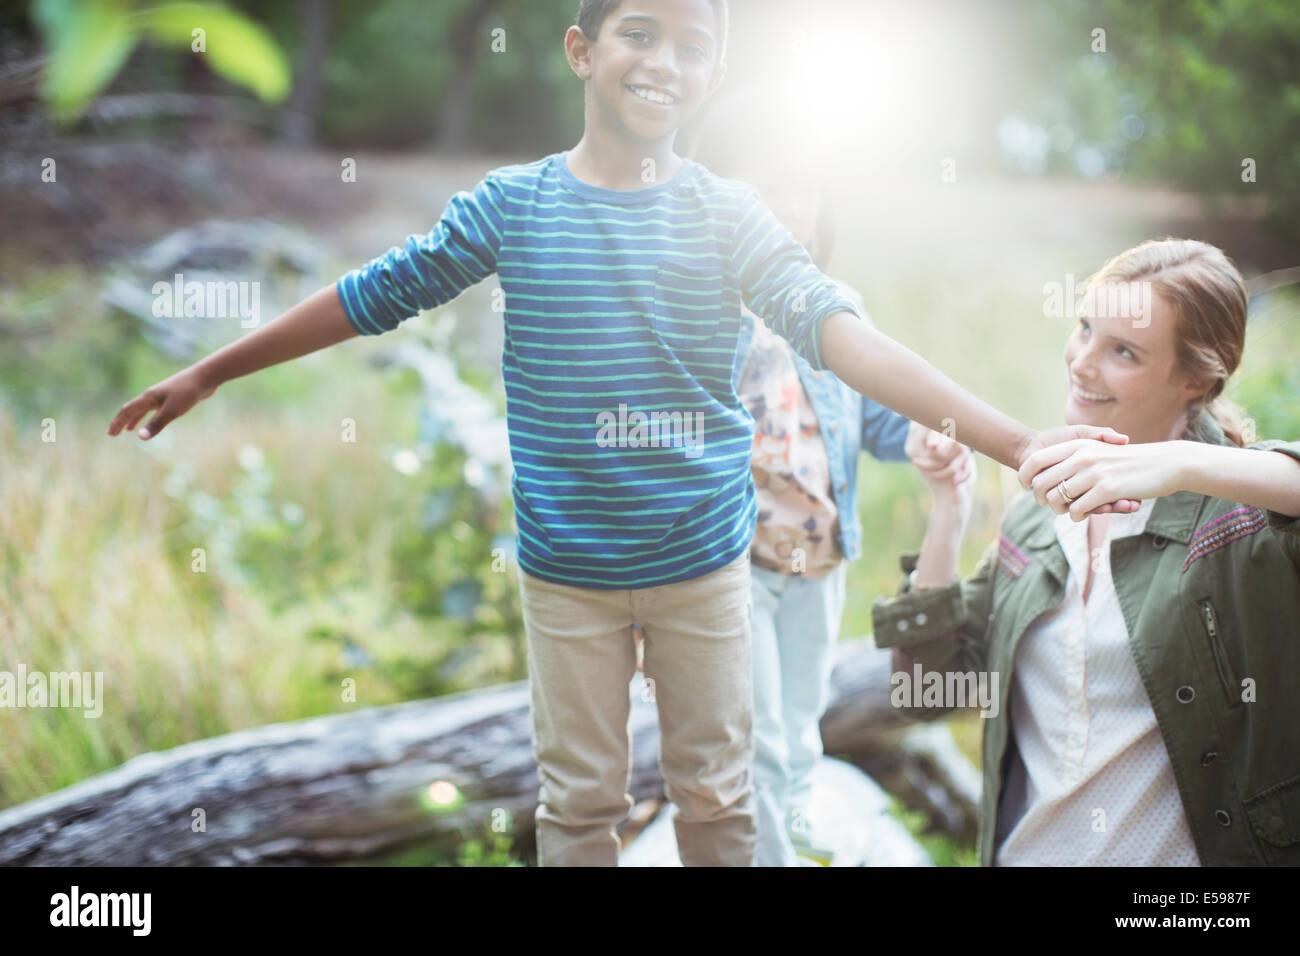 Le professeur et l'étudiant jouant dans la forêt Photo Stock